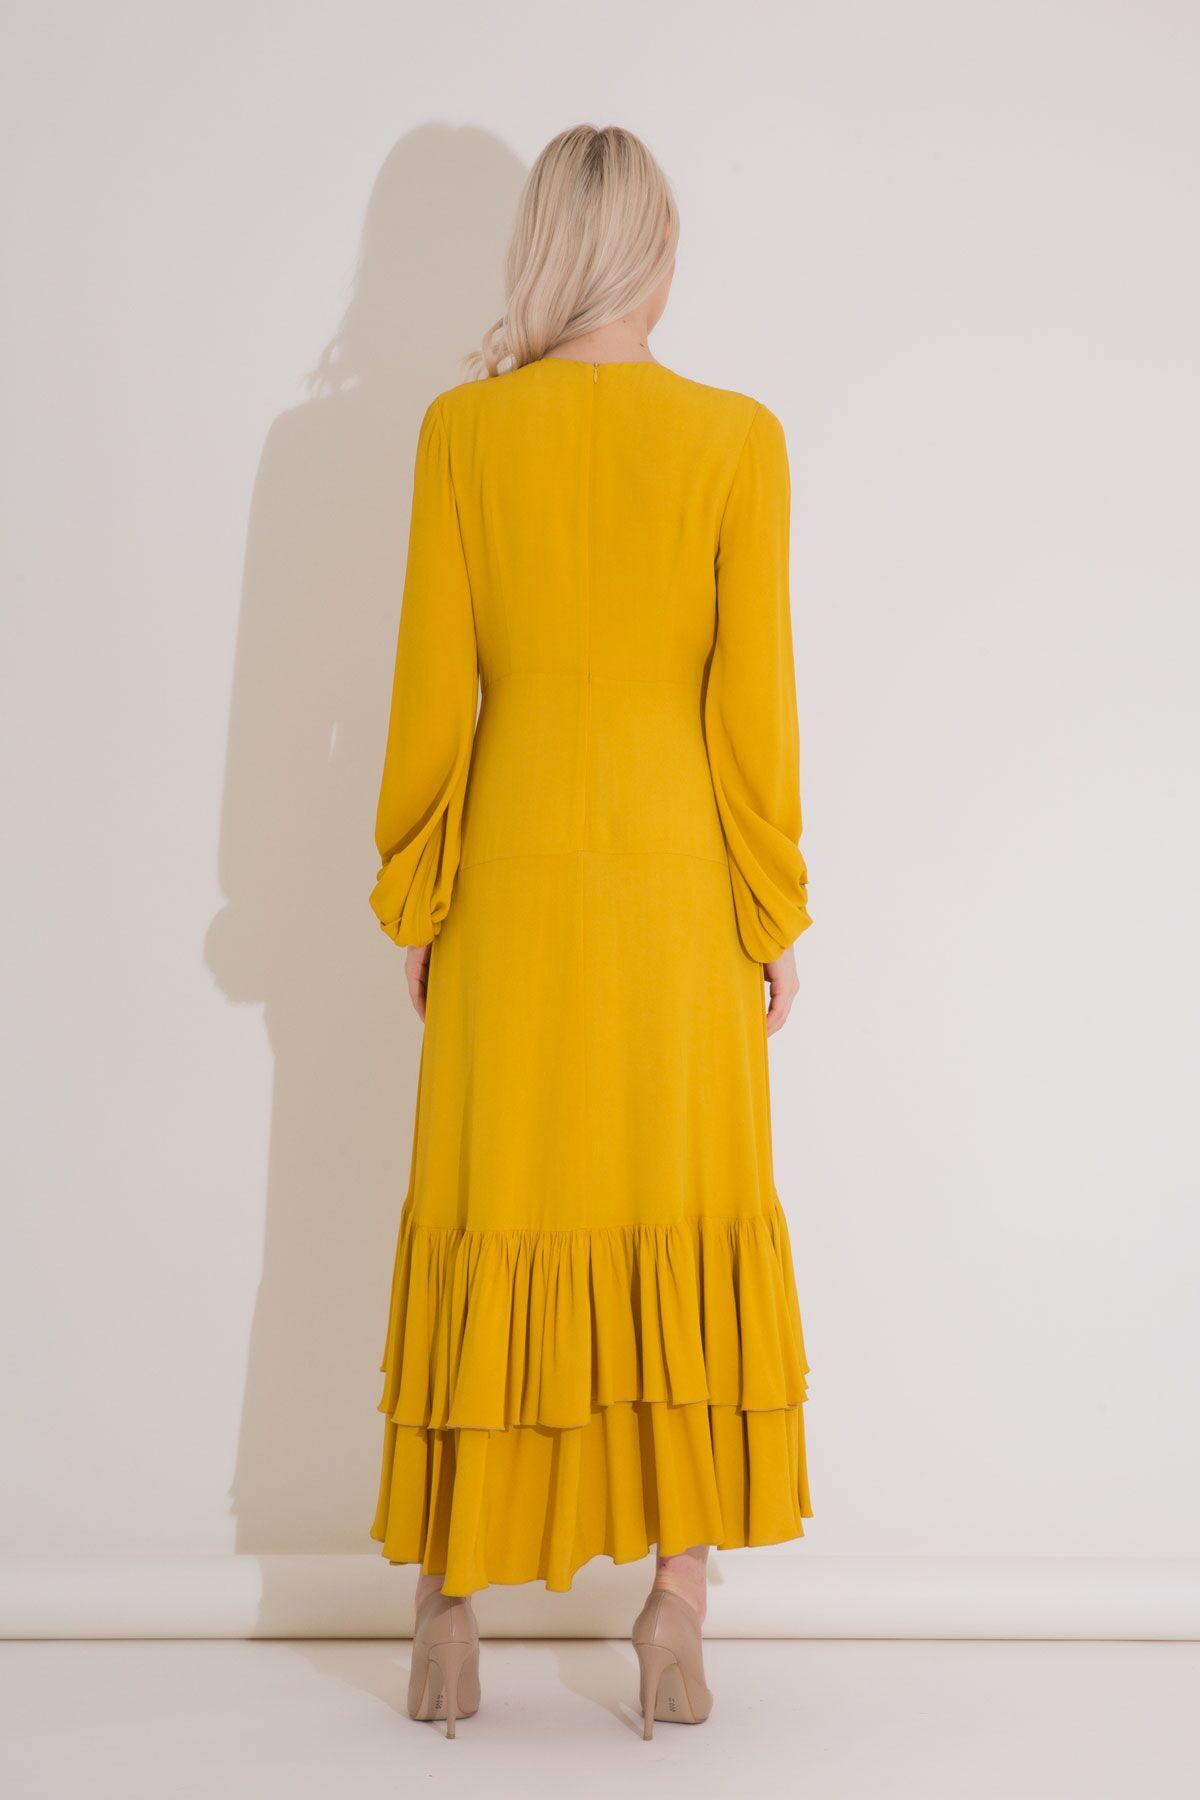 Yaka İşlemeli Safran Rengi Fırfırlı Uzun Elbise